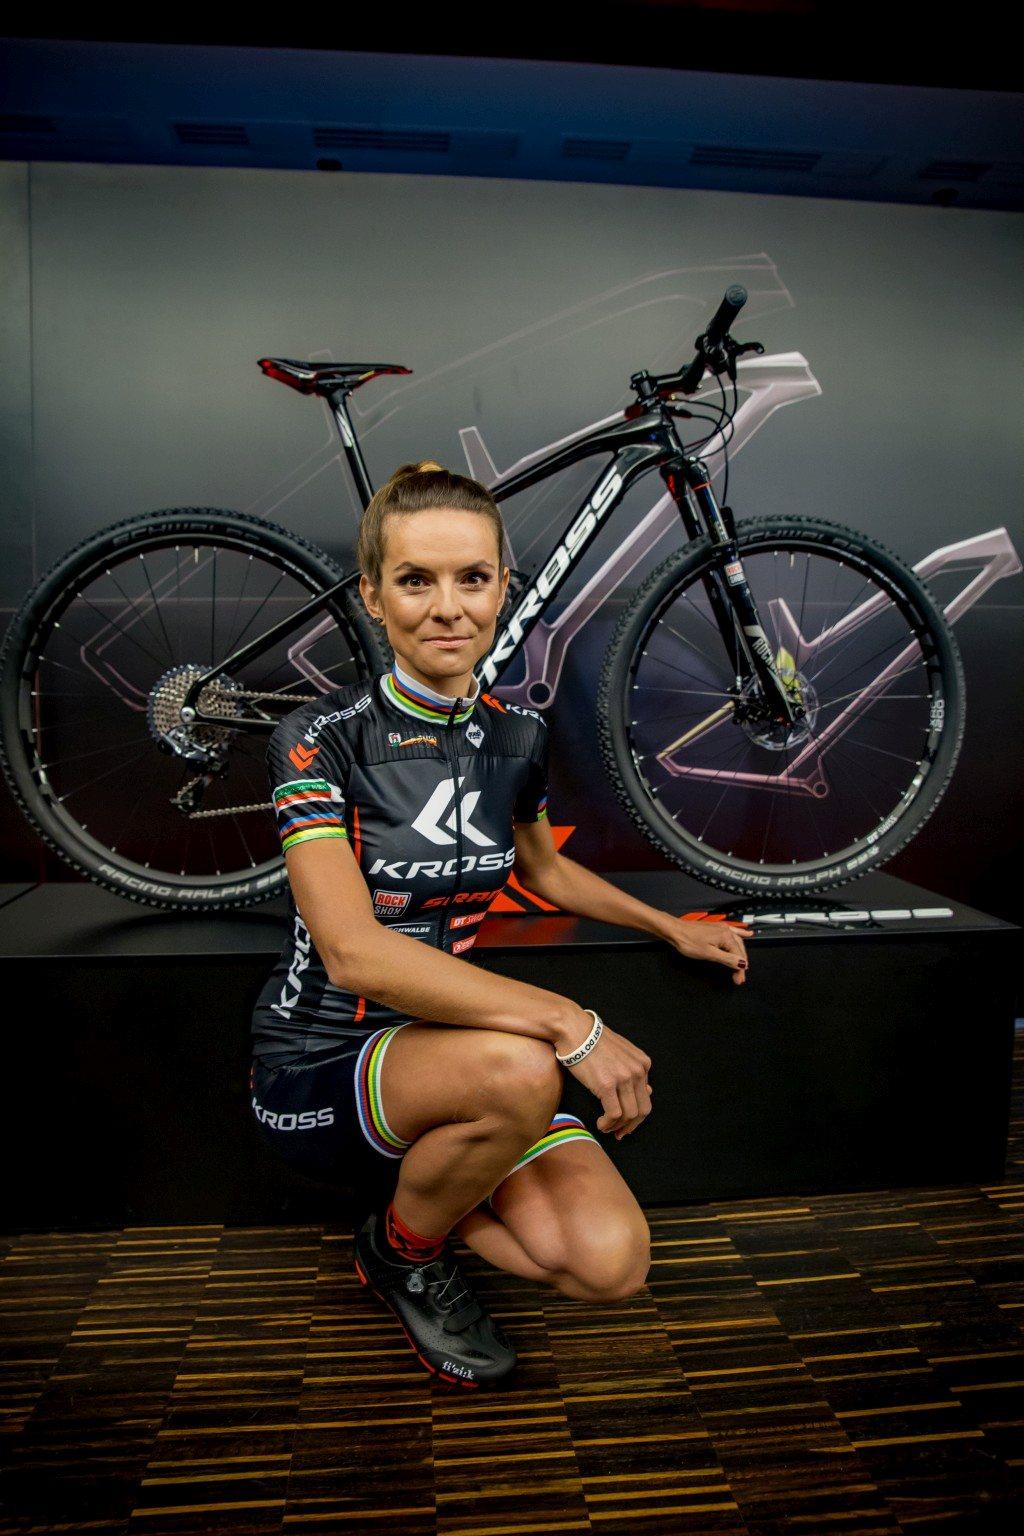 Maja Włoszczowska legfőbb fegyvere 2016-ban a Kross Level B+ kerékpár lesz